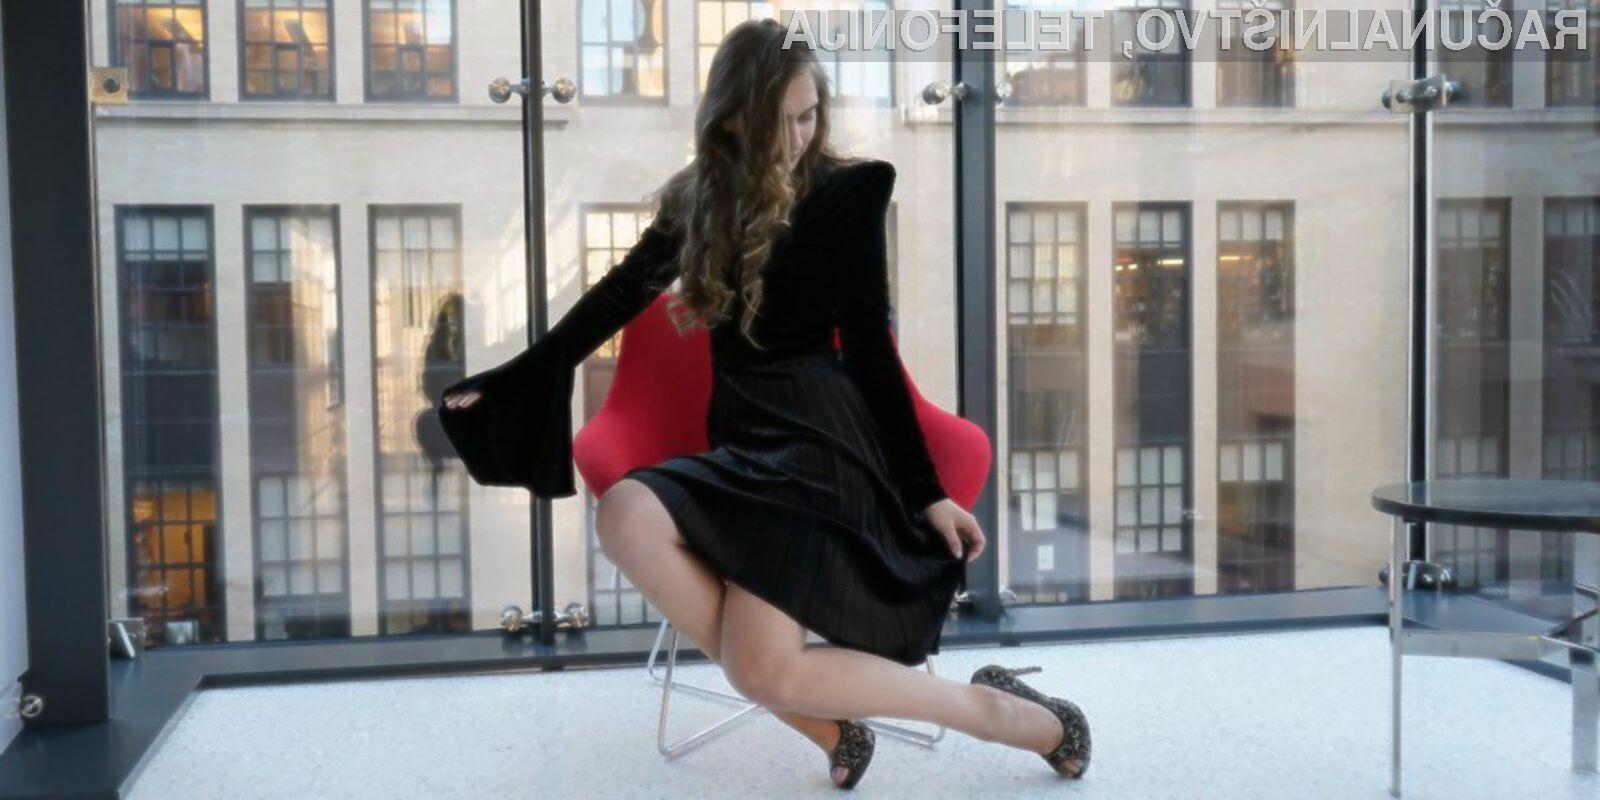 Umetna inteligenca se je izkazala kot odličen modni oblikovalec večernih oblek.